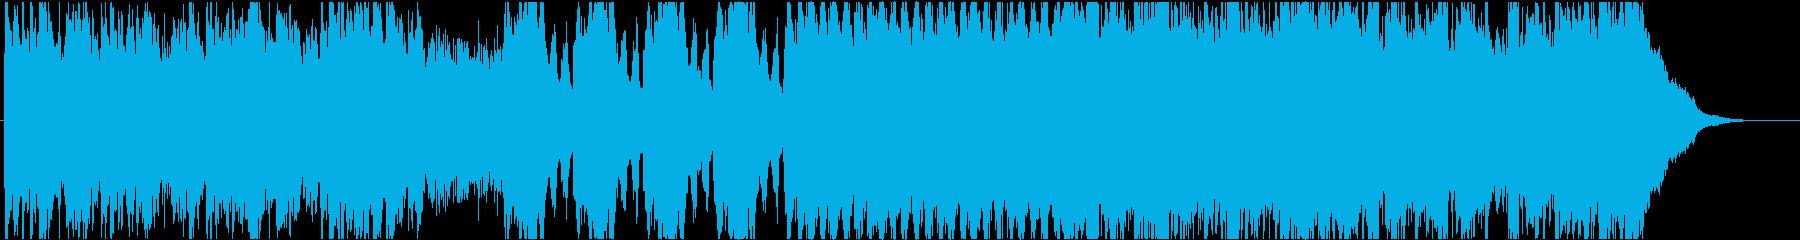 ホラー感のあるピアノ&オーケストラ曲の再生済みの波形